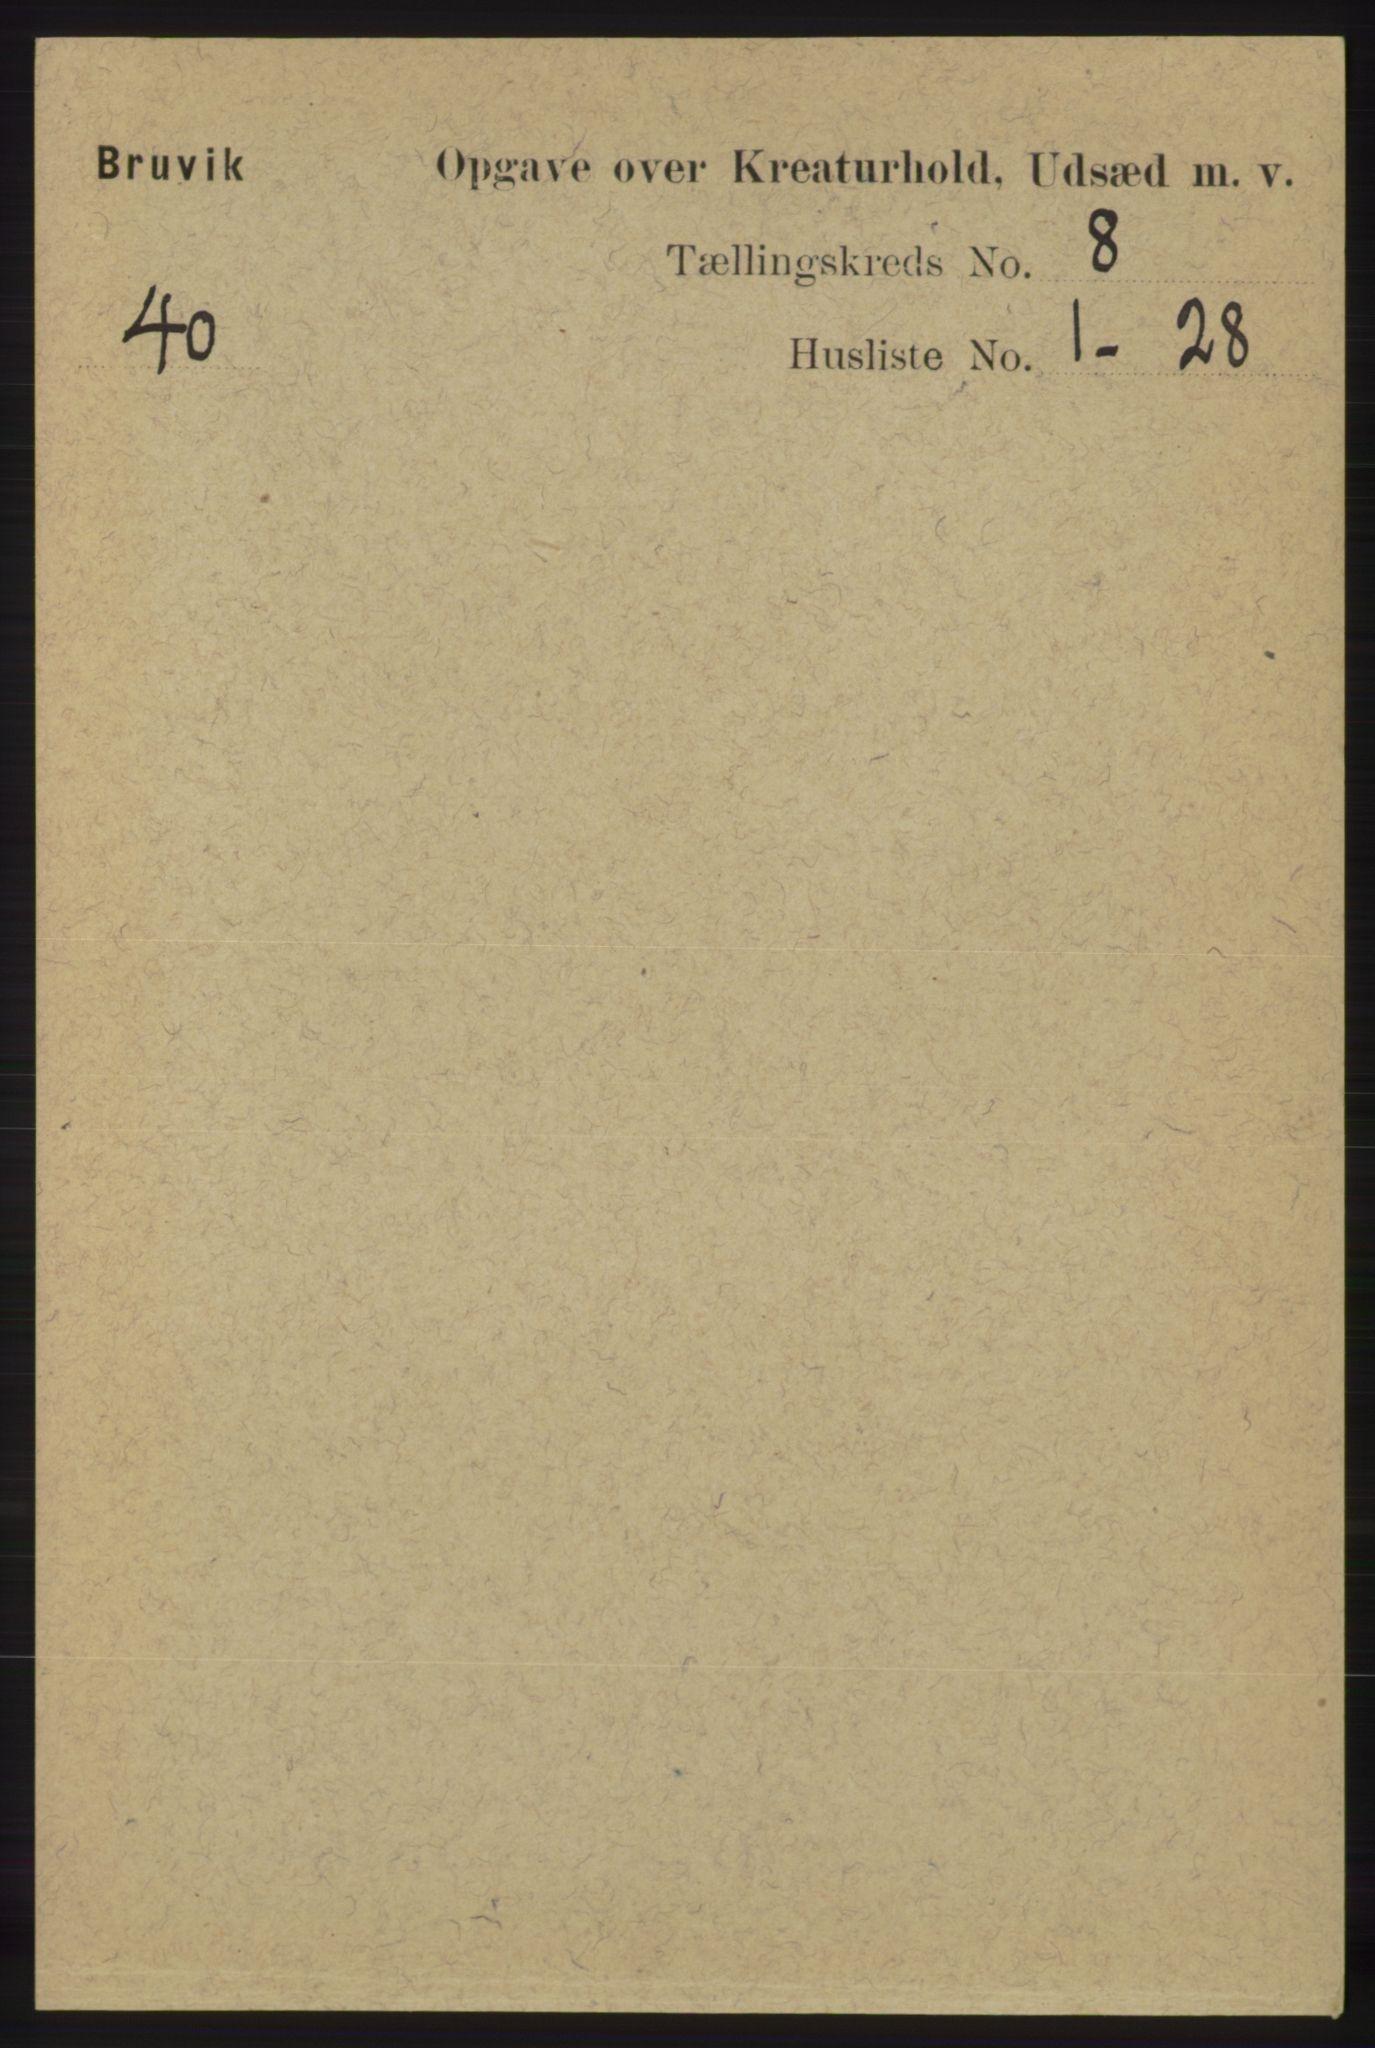 RA, Folketelling 1891 for 1251 Bruvik herred, 1891, s. 4729